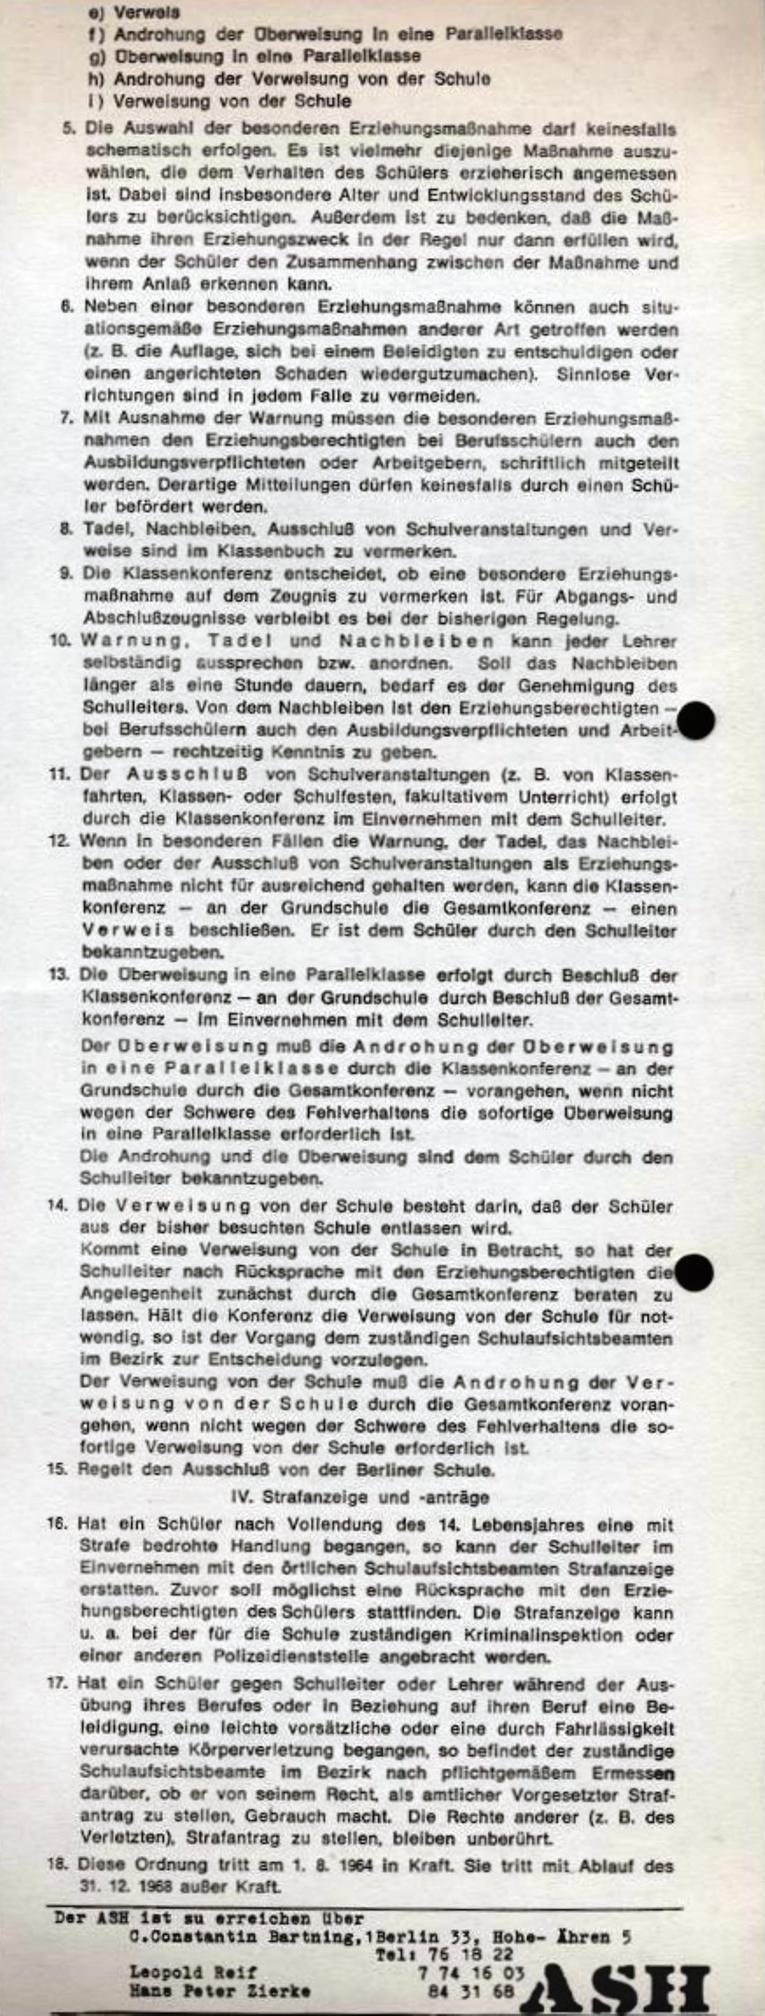 ASH, März 1968, Nr. 4, Seite 2